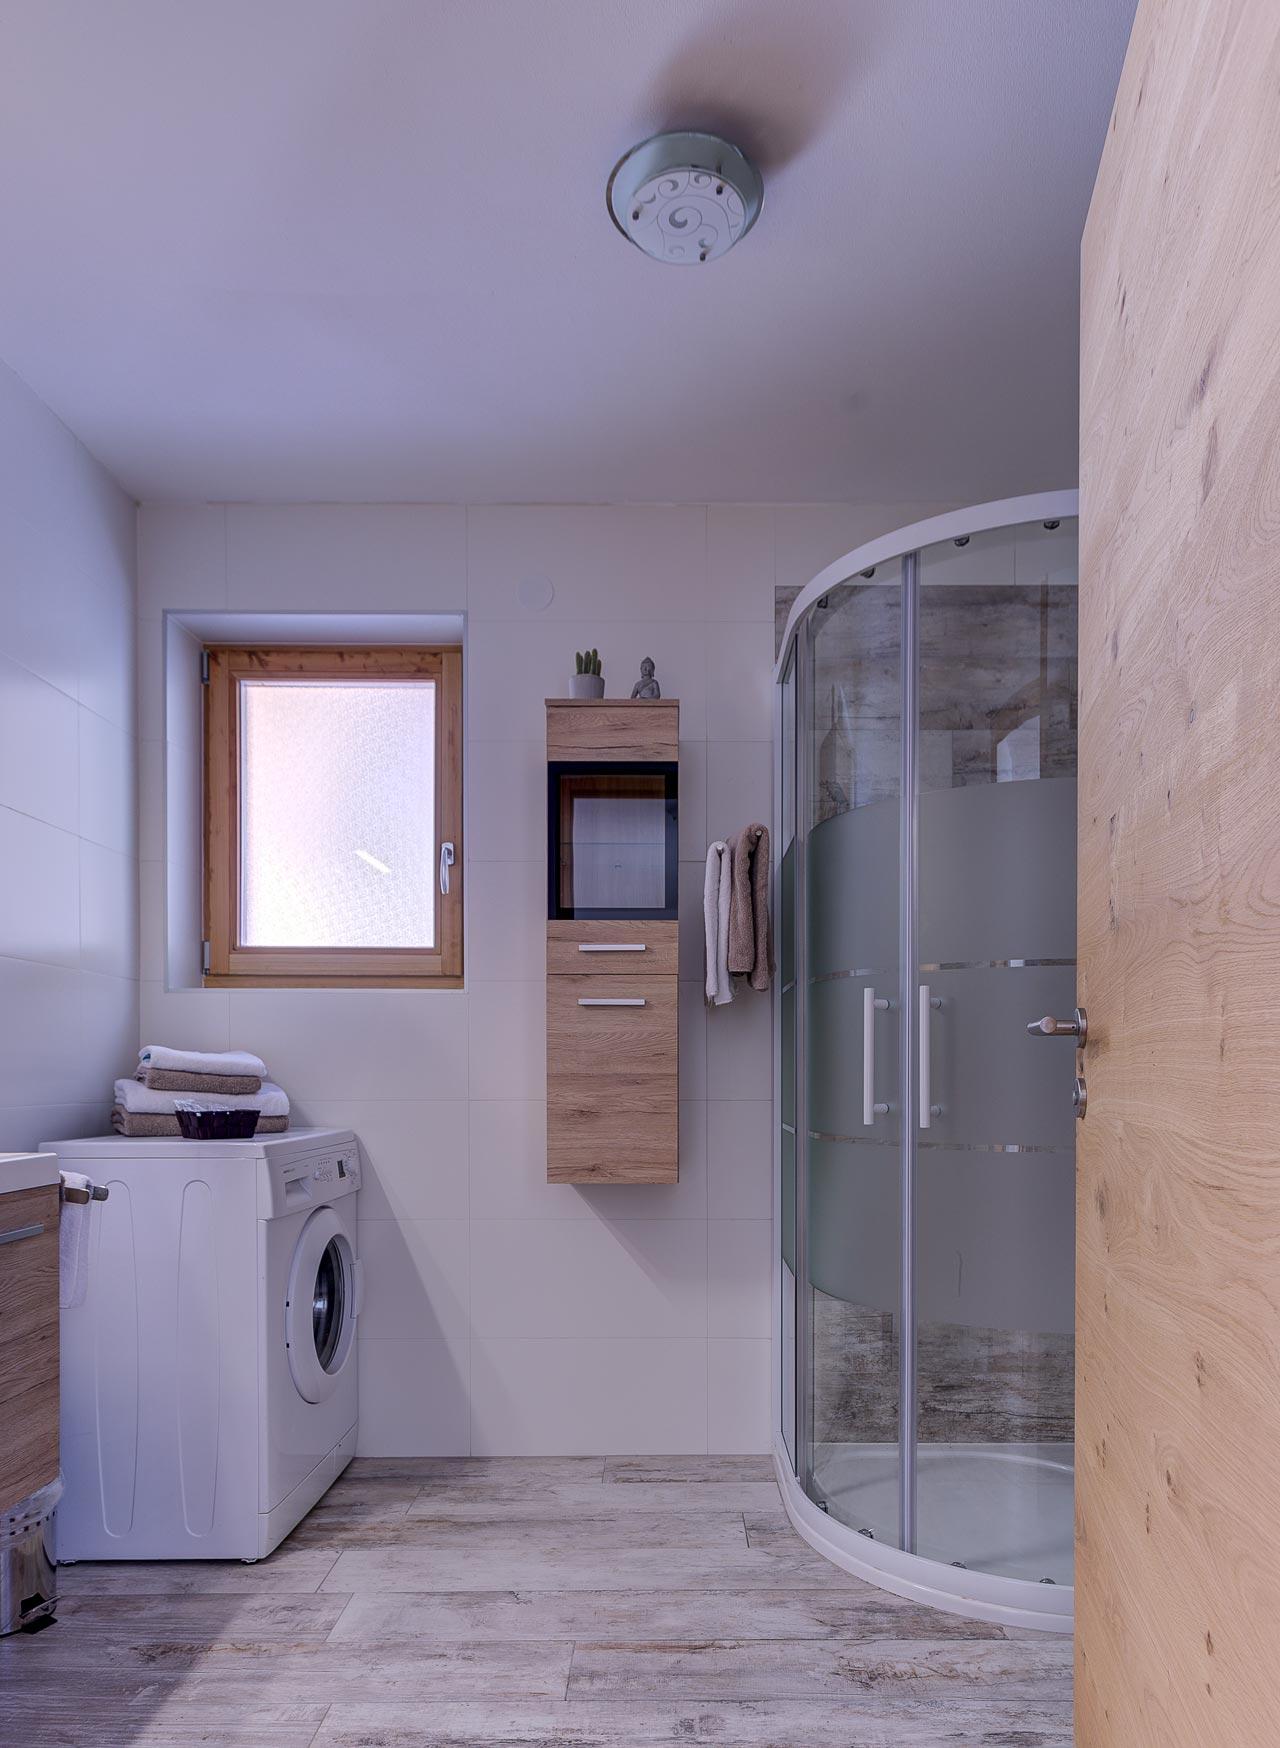 chalet waldblick 1 badezimmer dusche pfarrwirt appartements sand in taufers